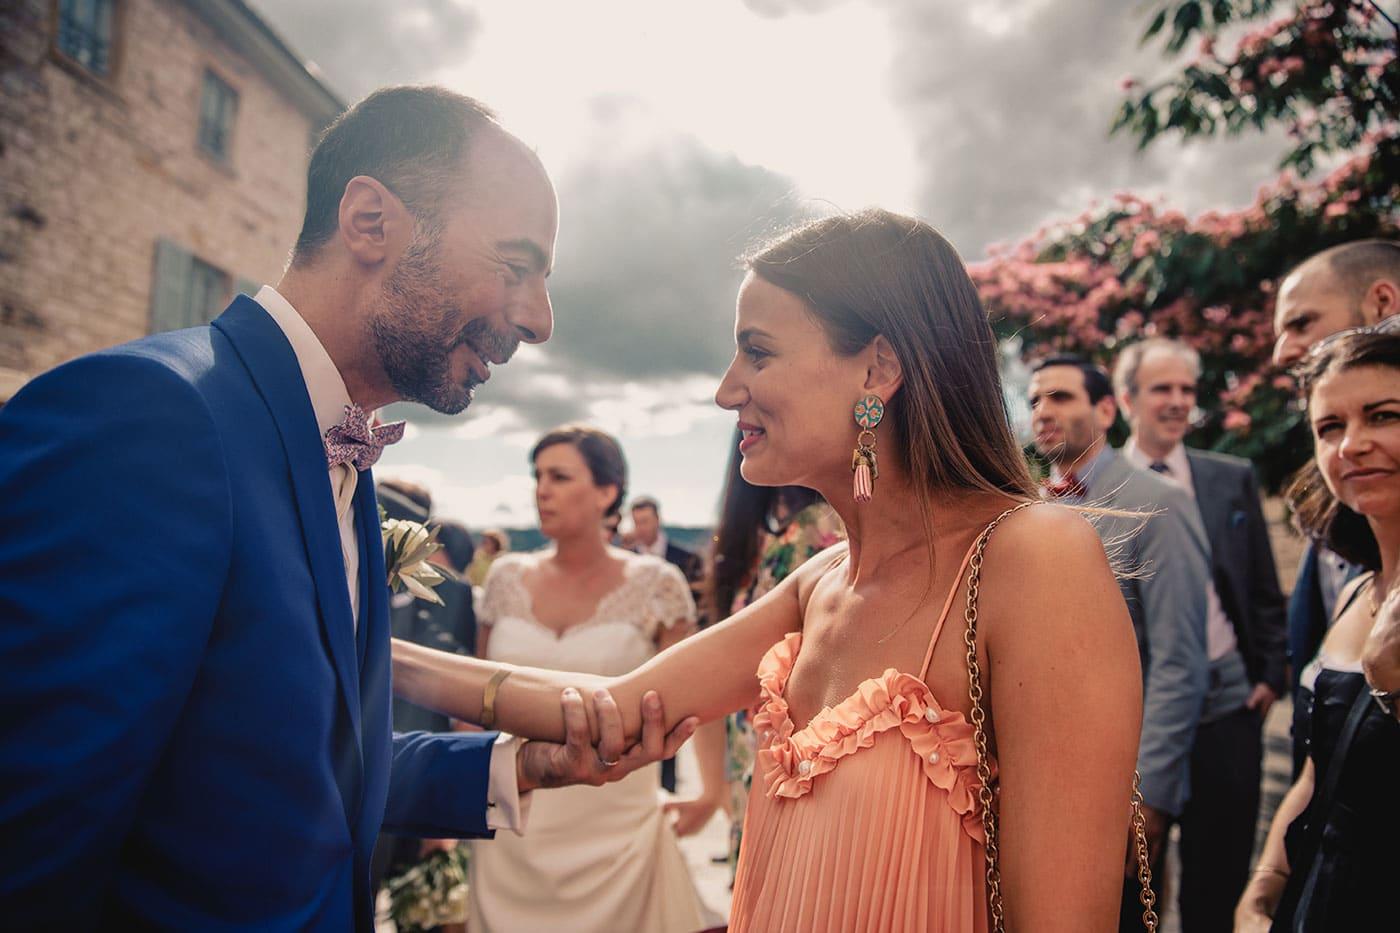 Photographe de mariage artistique Lyon Castille ALMA photographe de mariage et de famille à Lyon Genève Gustavia